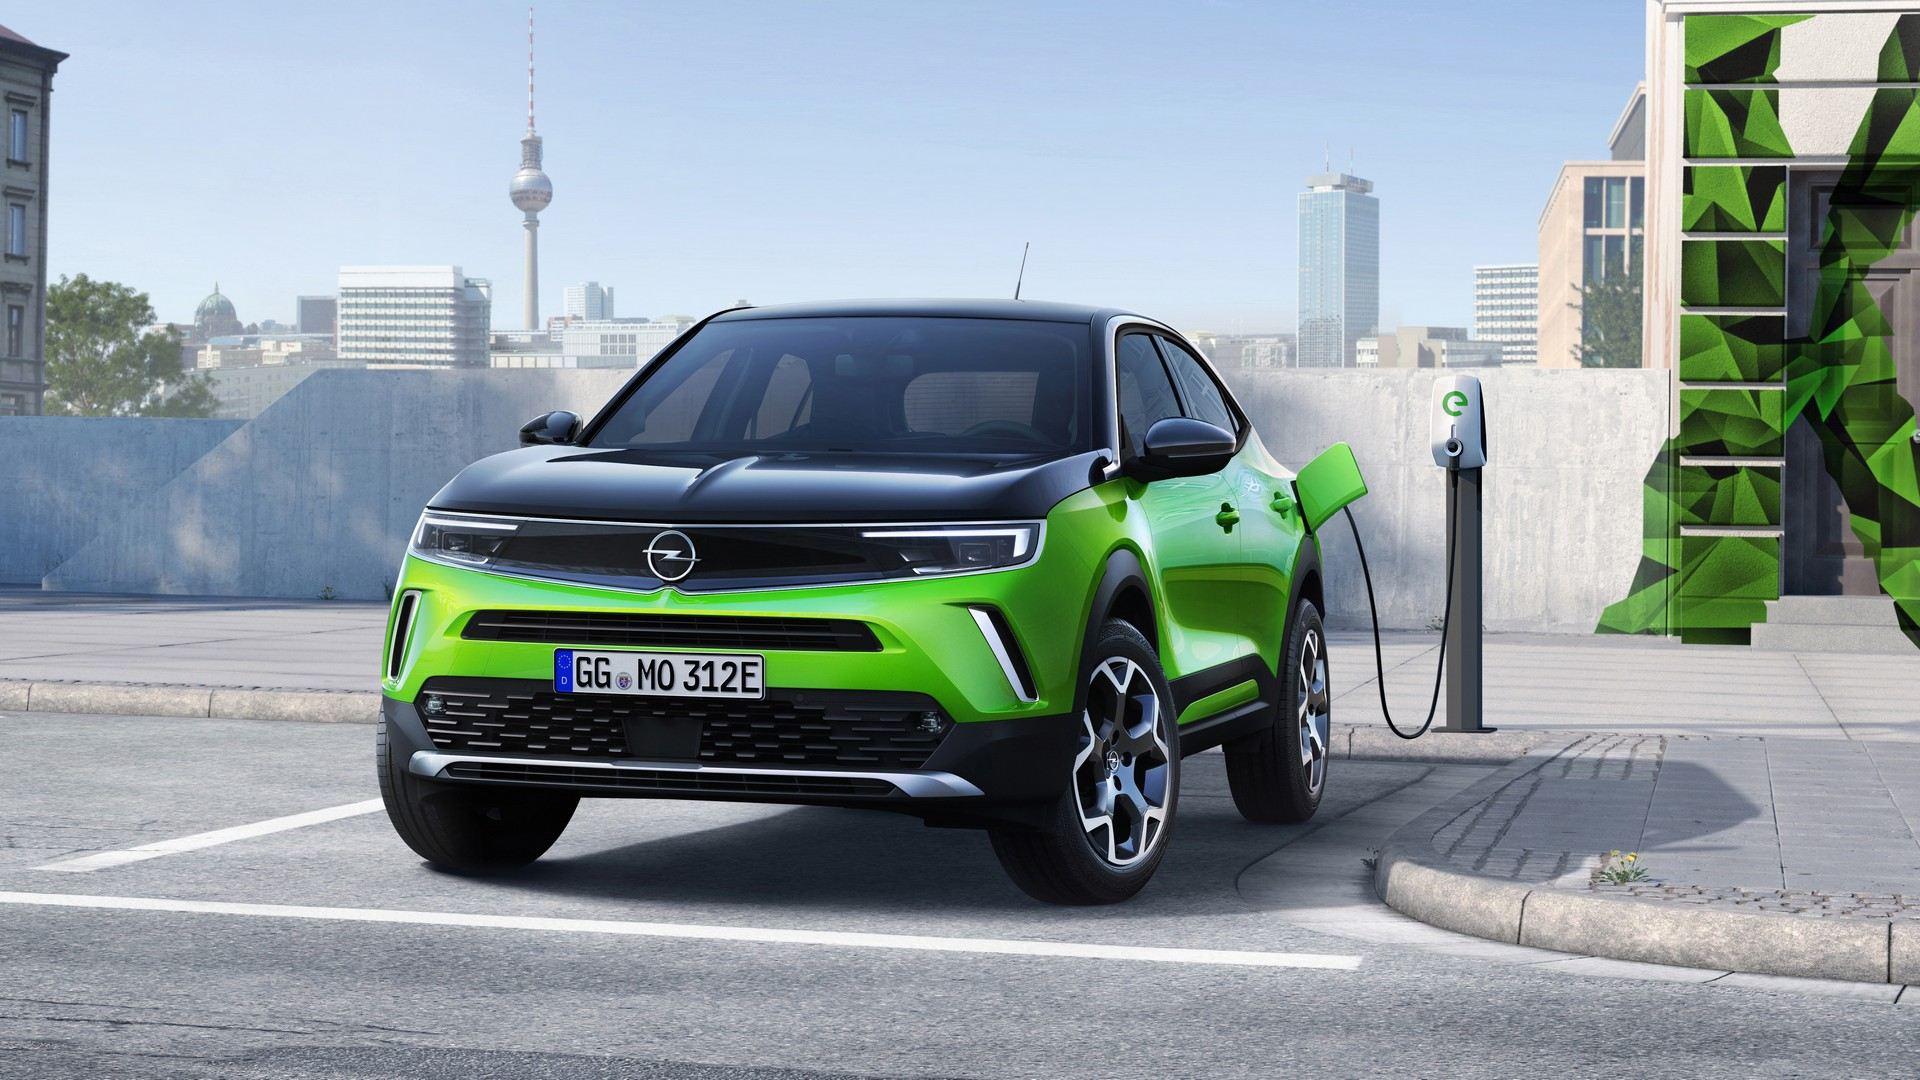 Stellantis se propone triplicar las ventas de vehículos electrificados en 2021